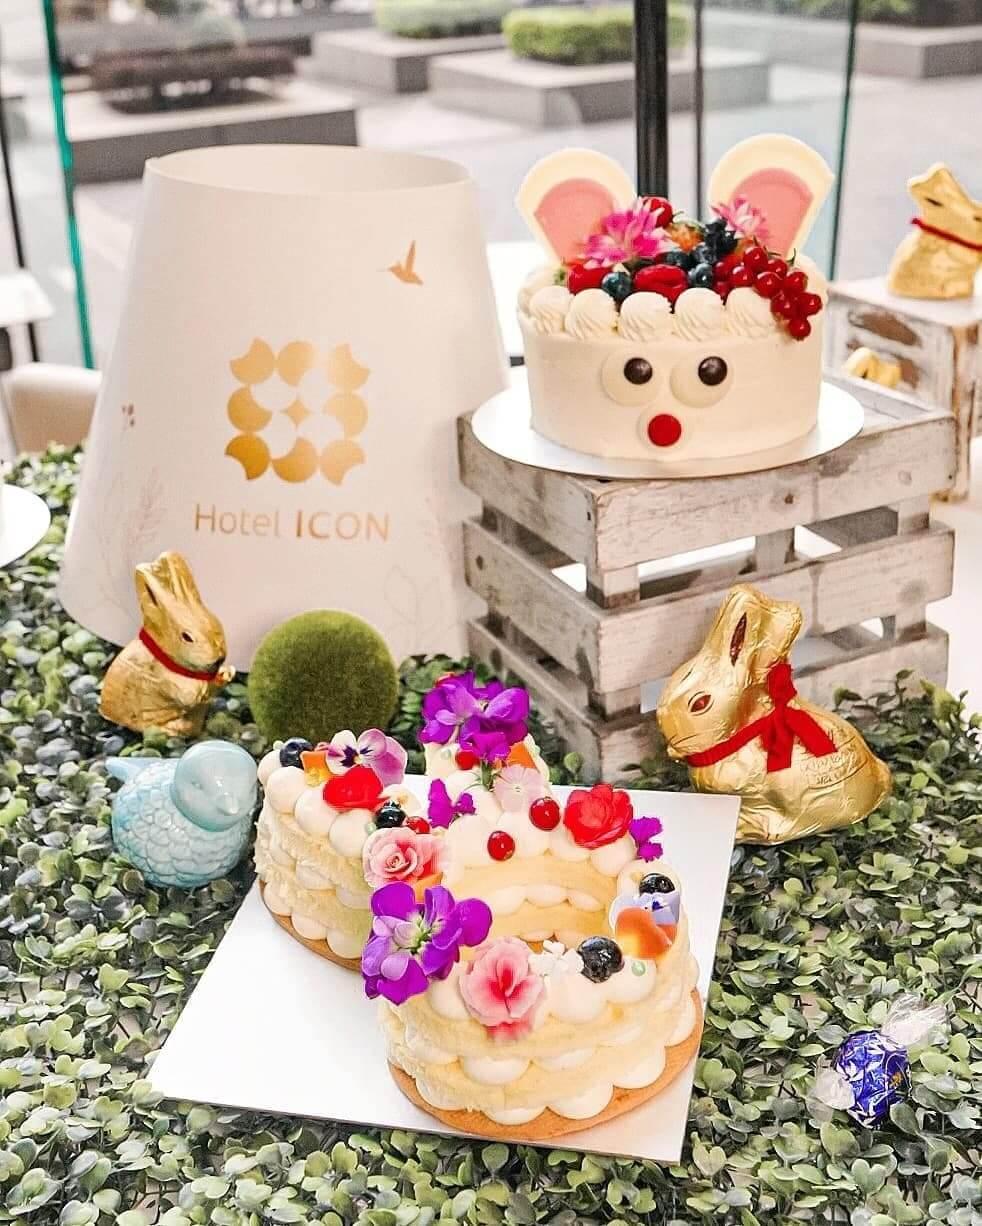 可愛復活節蛋糕,係派對慶祝嘅不二之選!